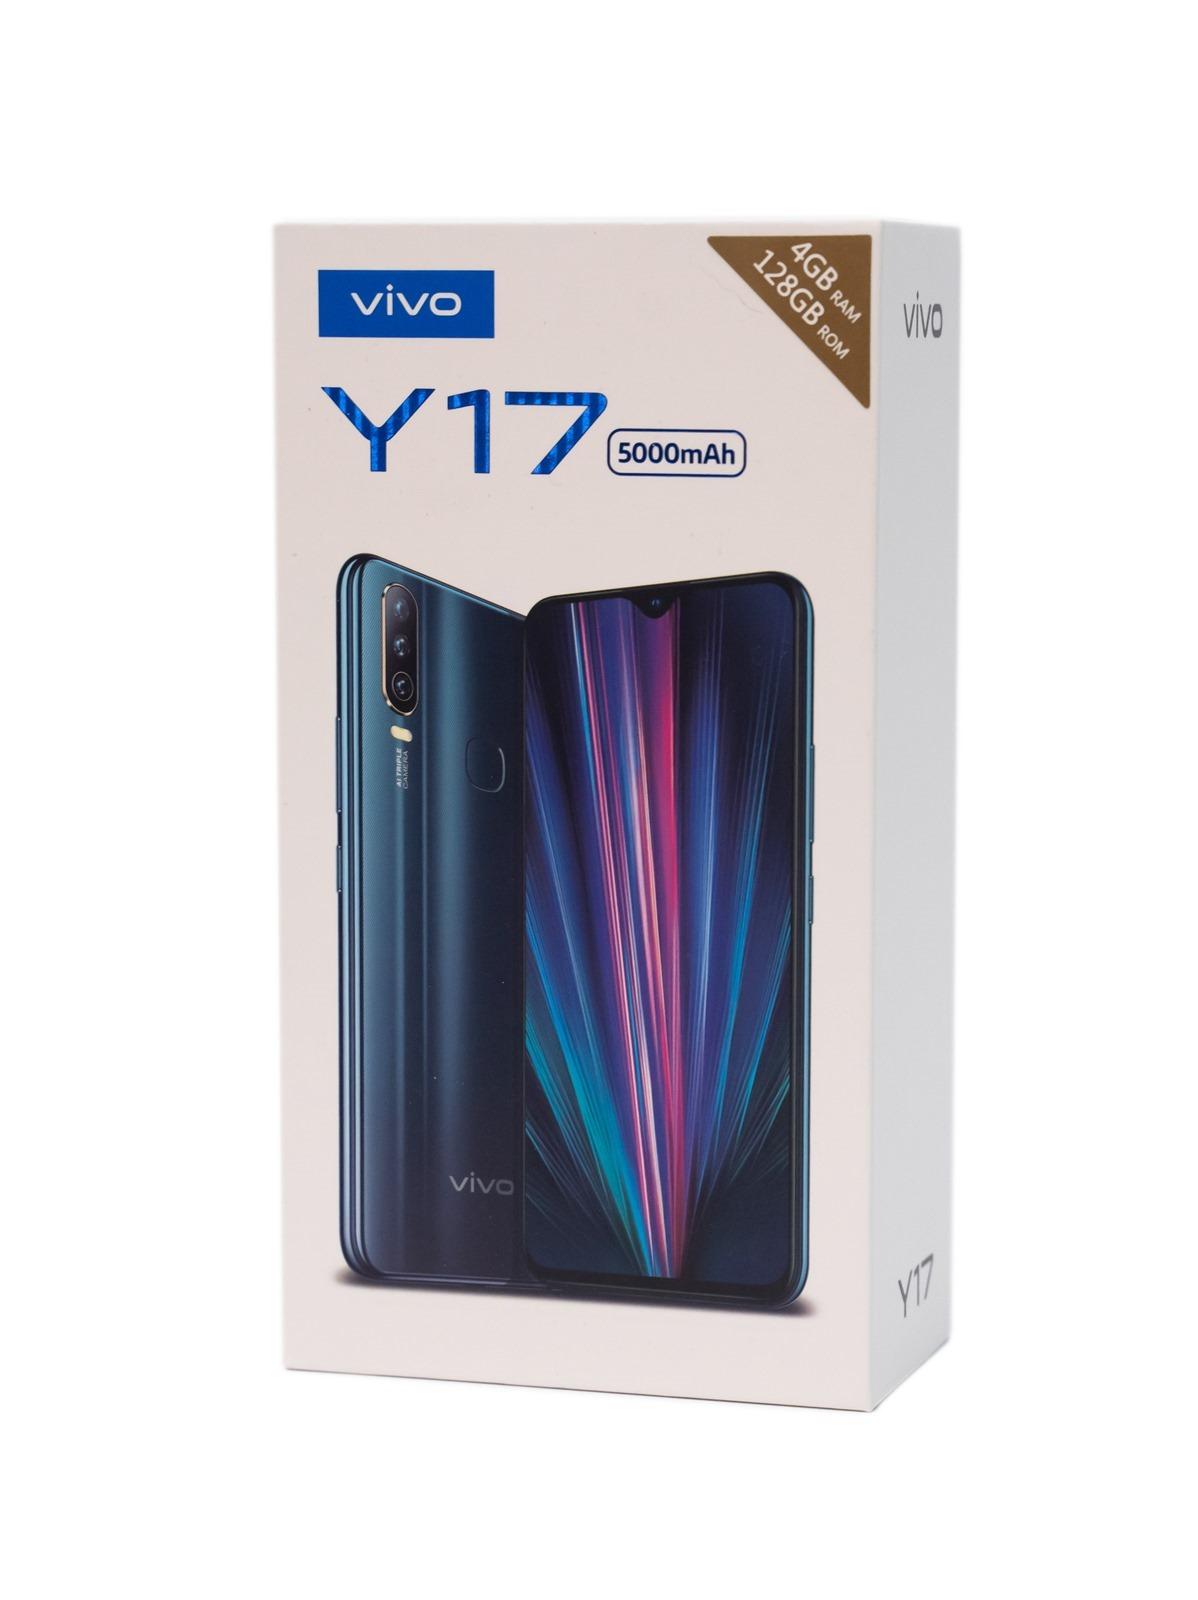 父親節要送什麼送禮首選 vivo Y17 高 CP 實用超值手機! @3C 達人廖阿輝